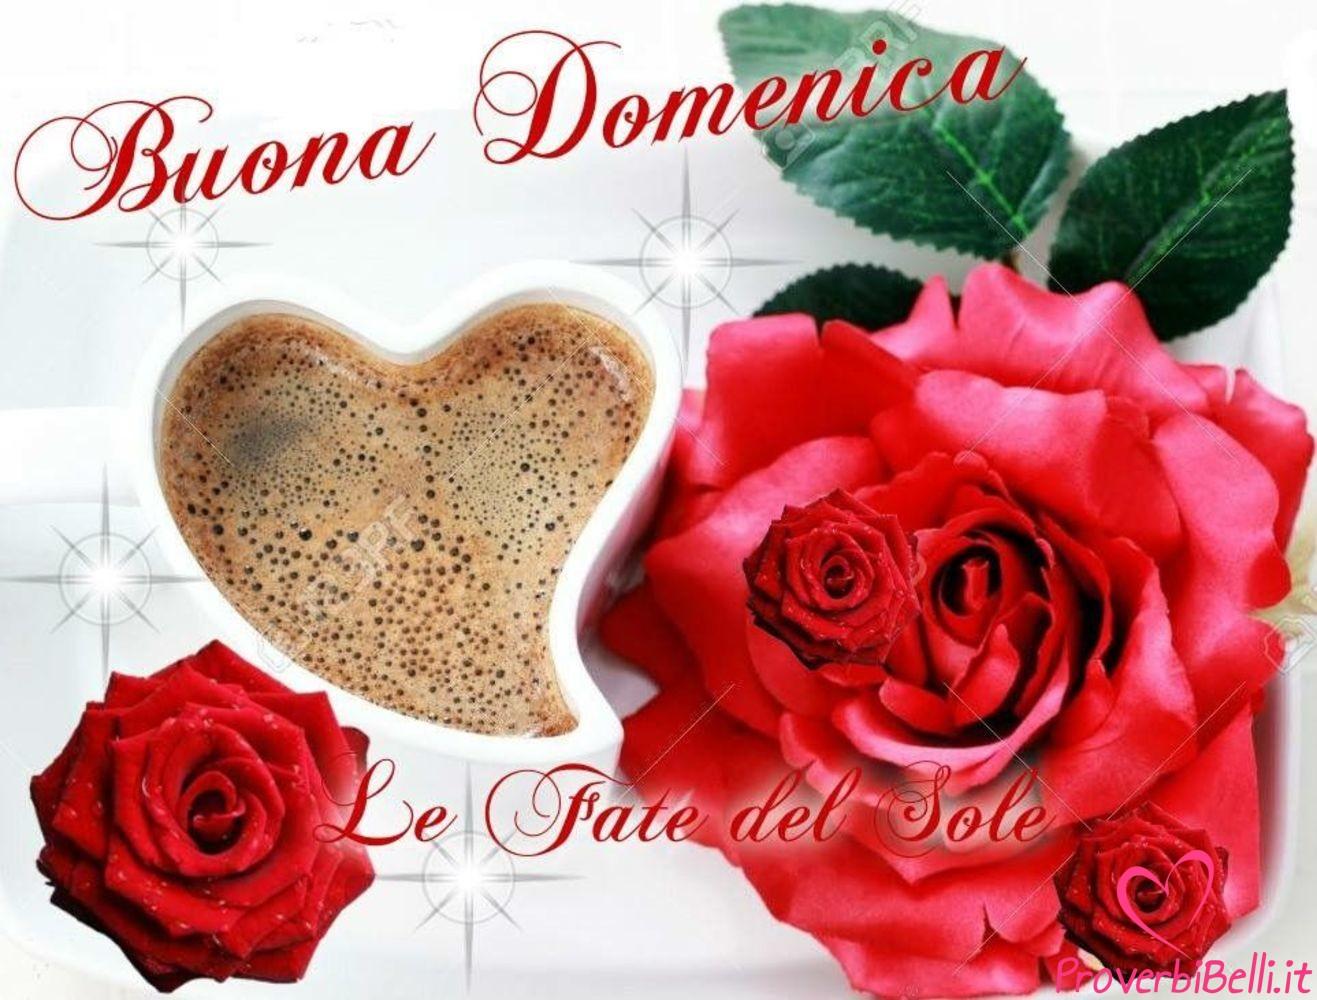 Buongiorno-Domenica-Immagini-Buona-per-Facebook-Whatsapp-715